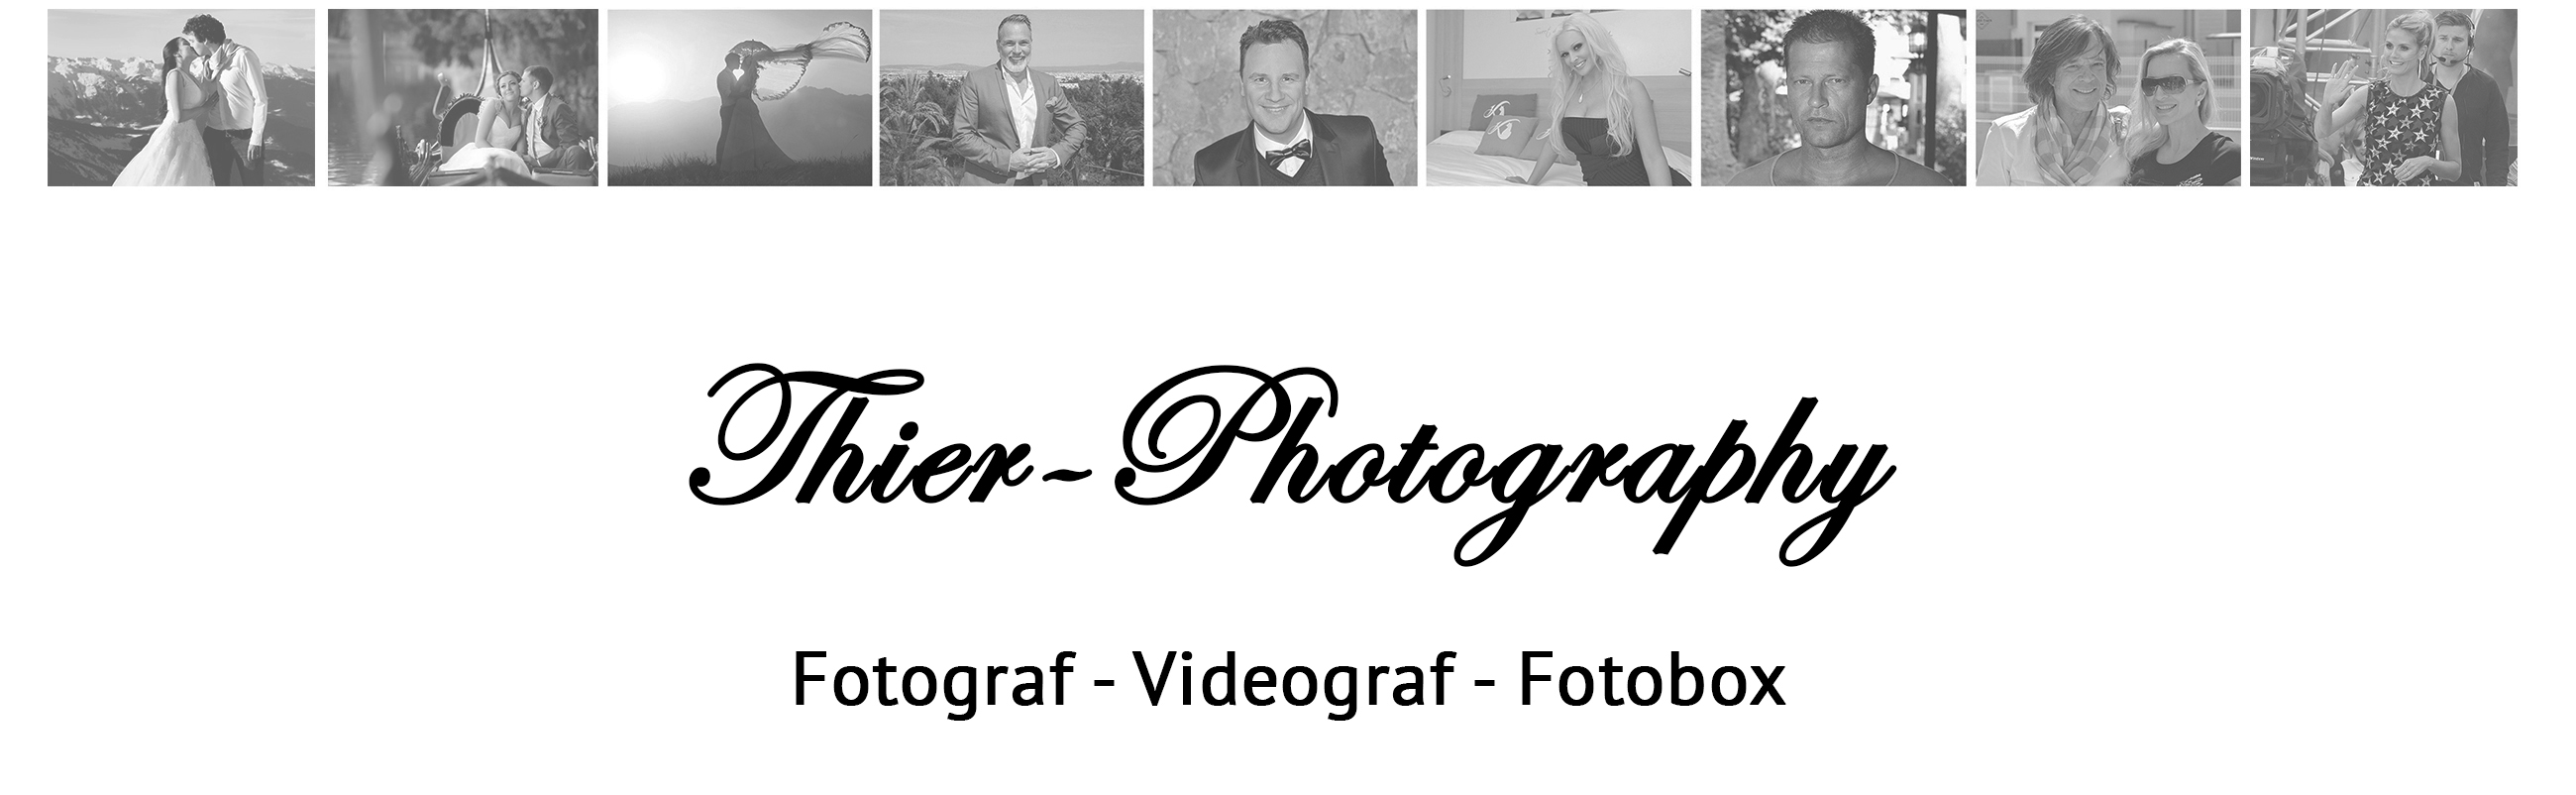 Fotograf Rosenheim, Tegernsee, Schliersee, Venedig, Garmisch Partenkirchen